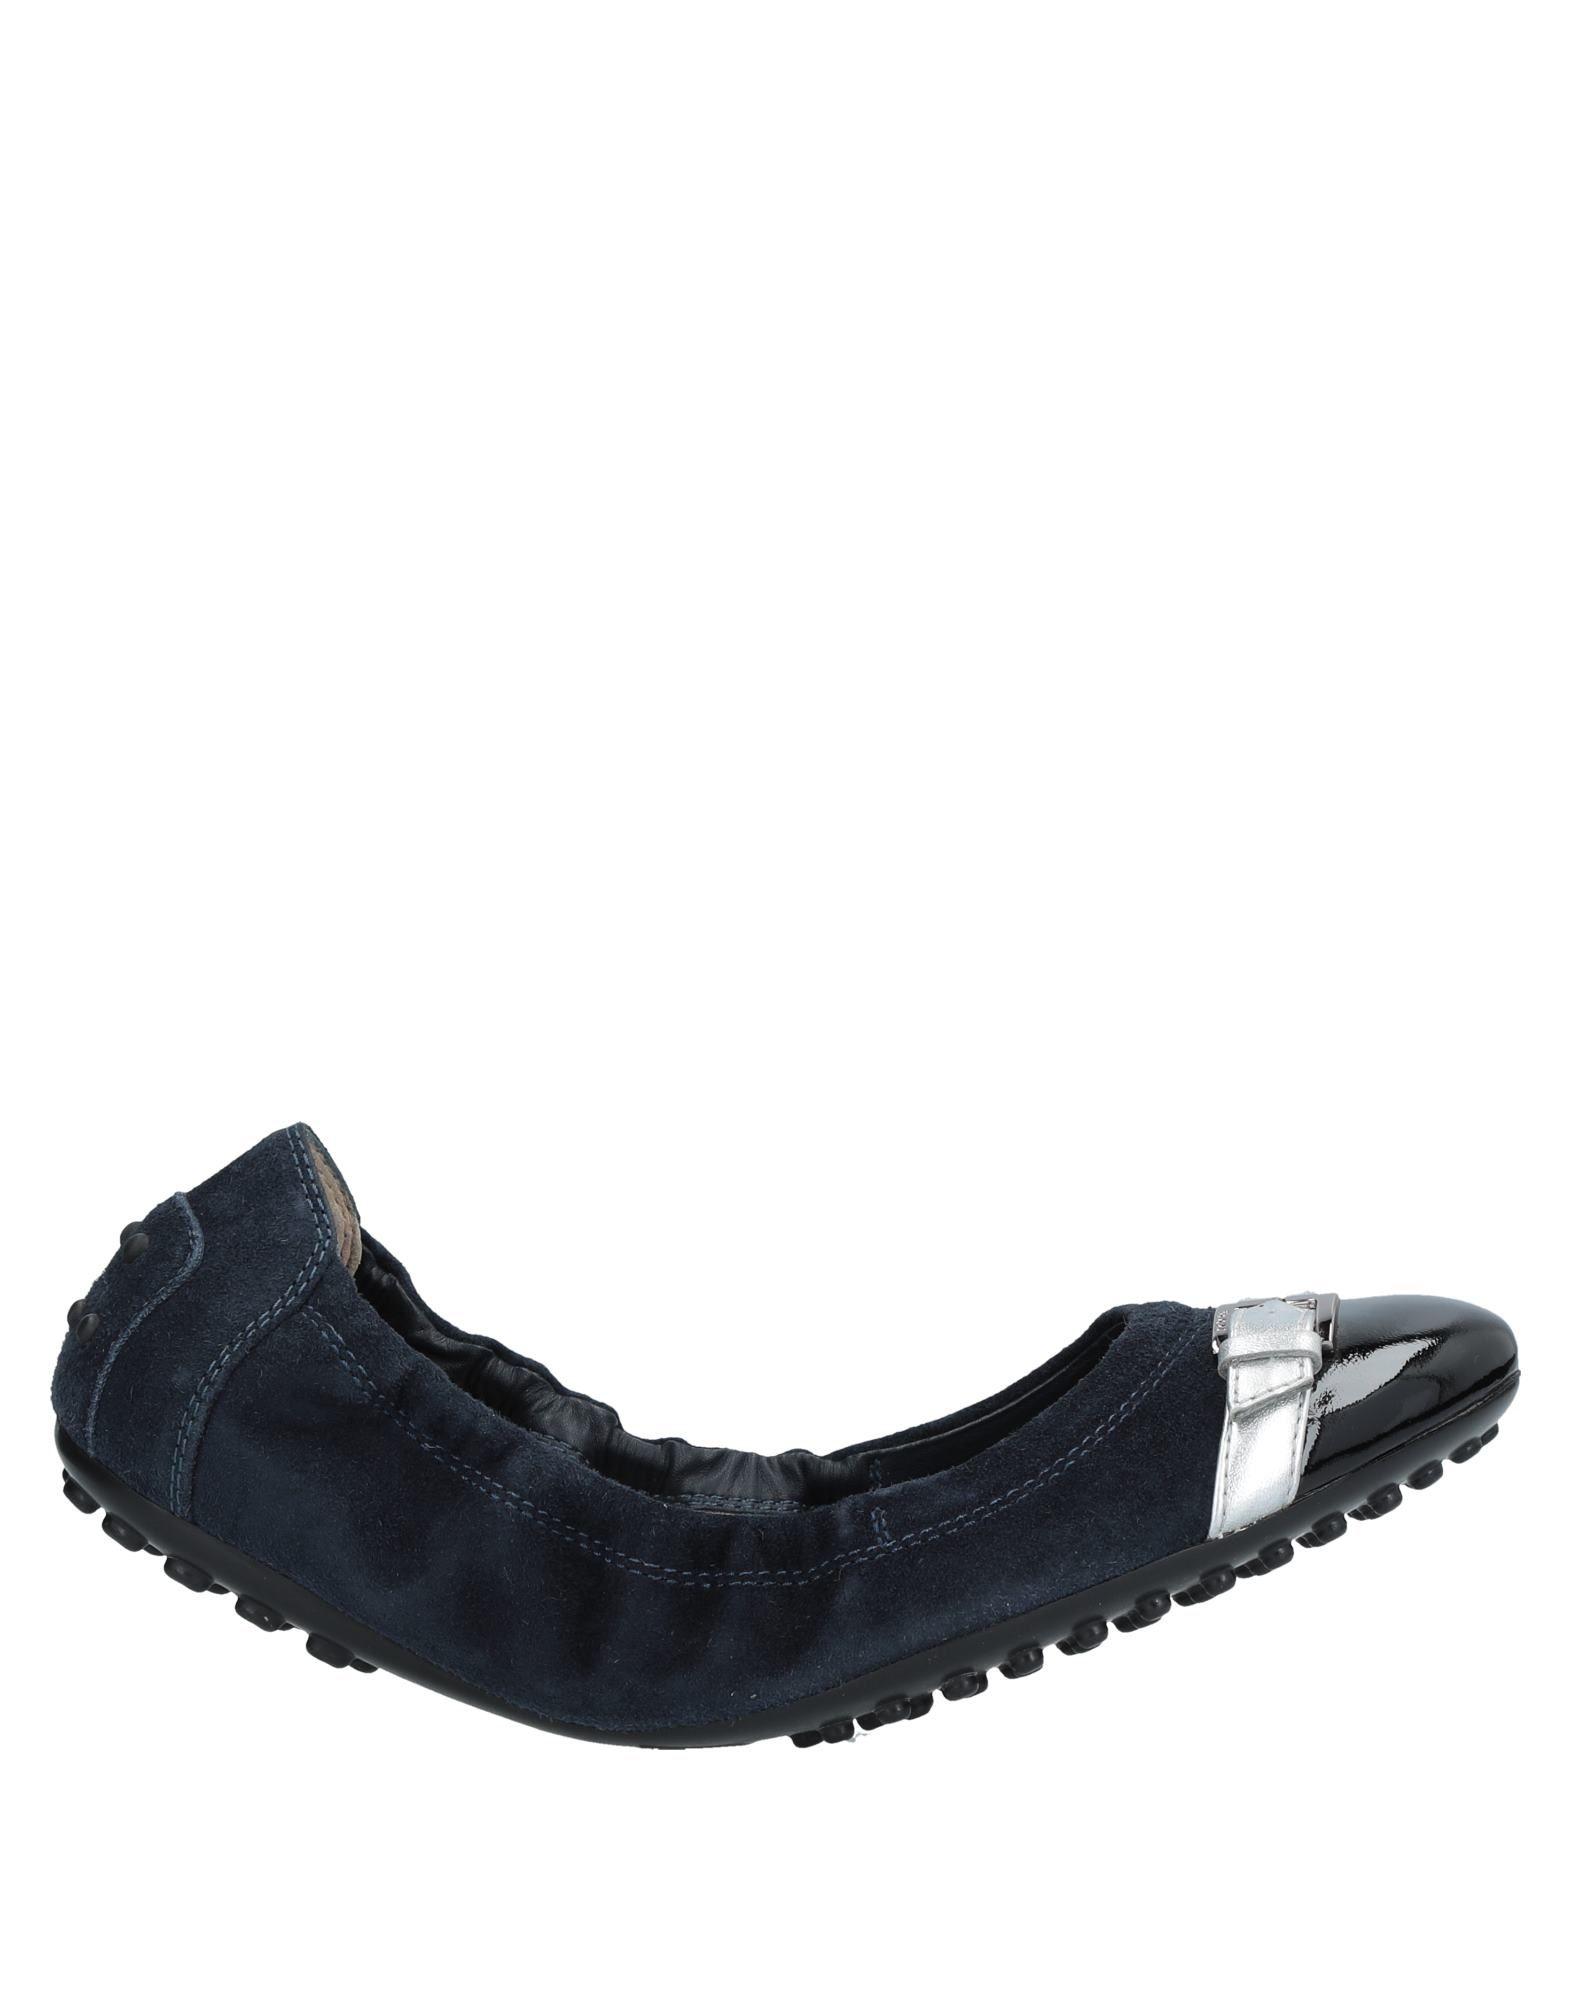 Haltbare Mode billige Schuhe Tod's Ballerinas Damen  11532400QU Heiße Schuhe